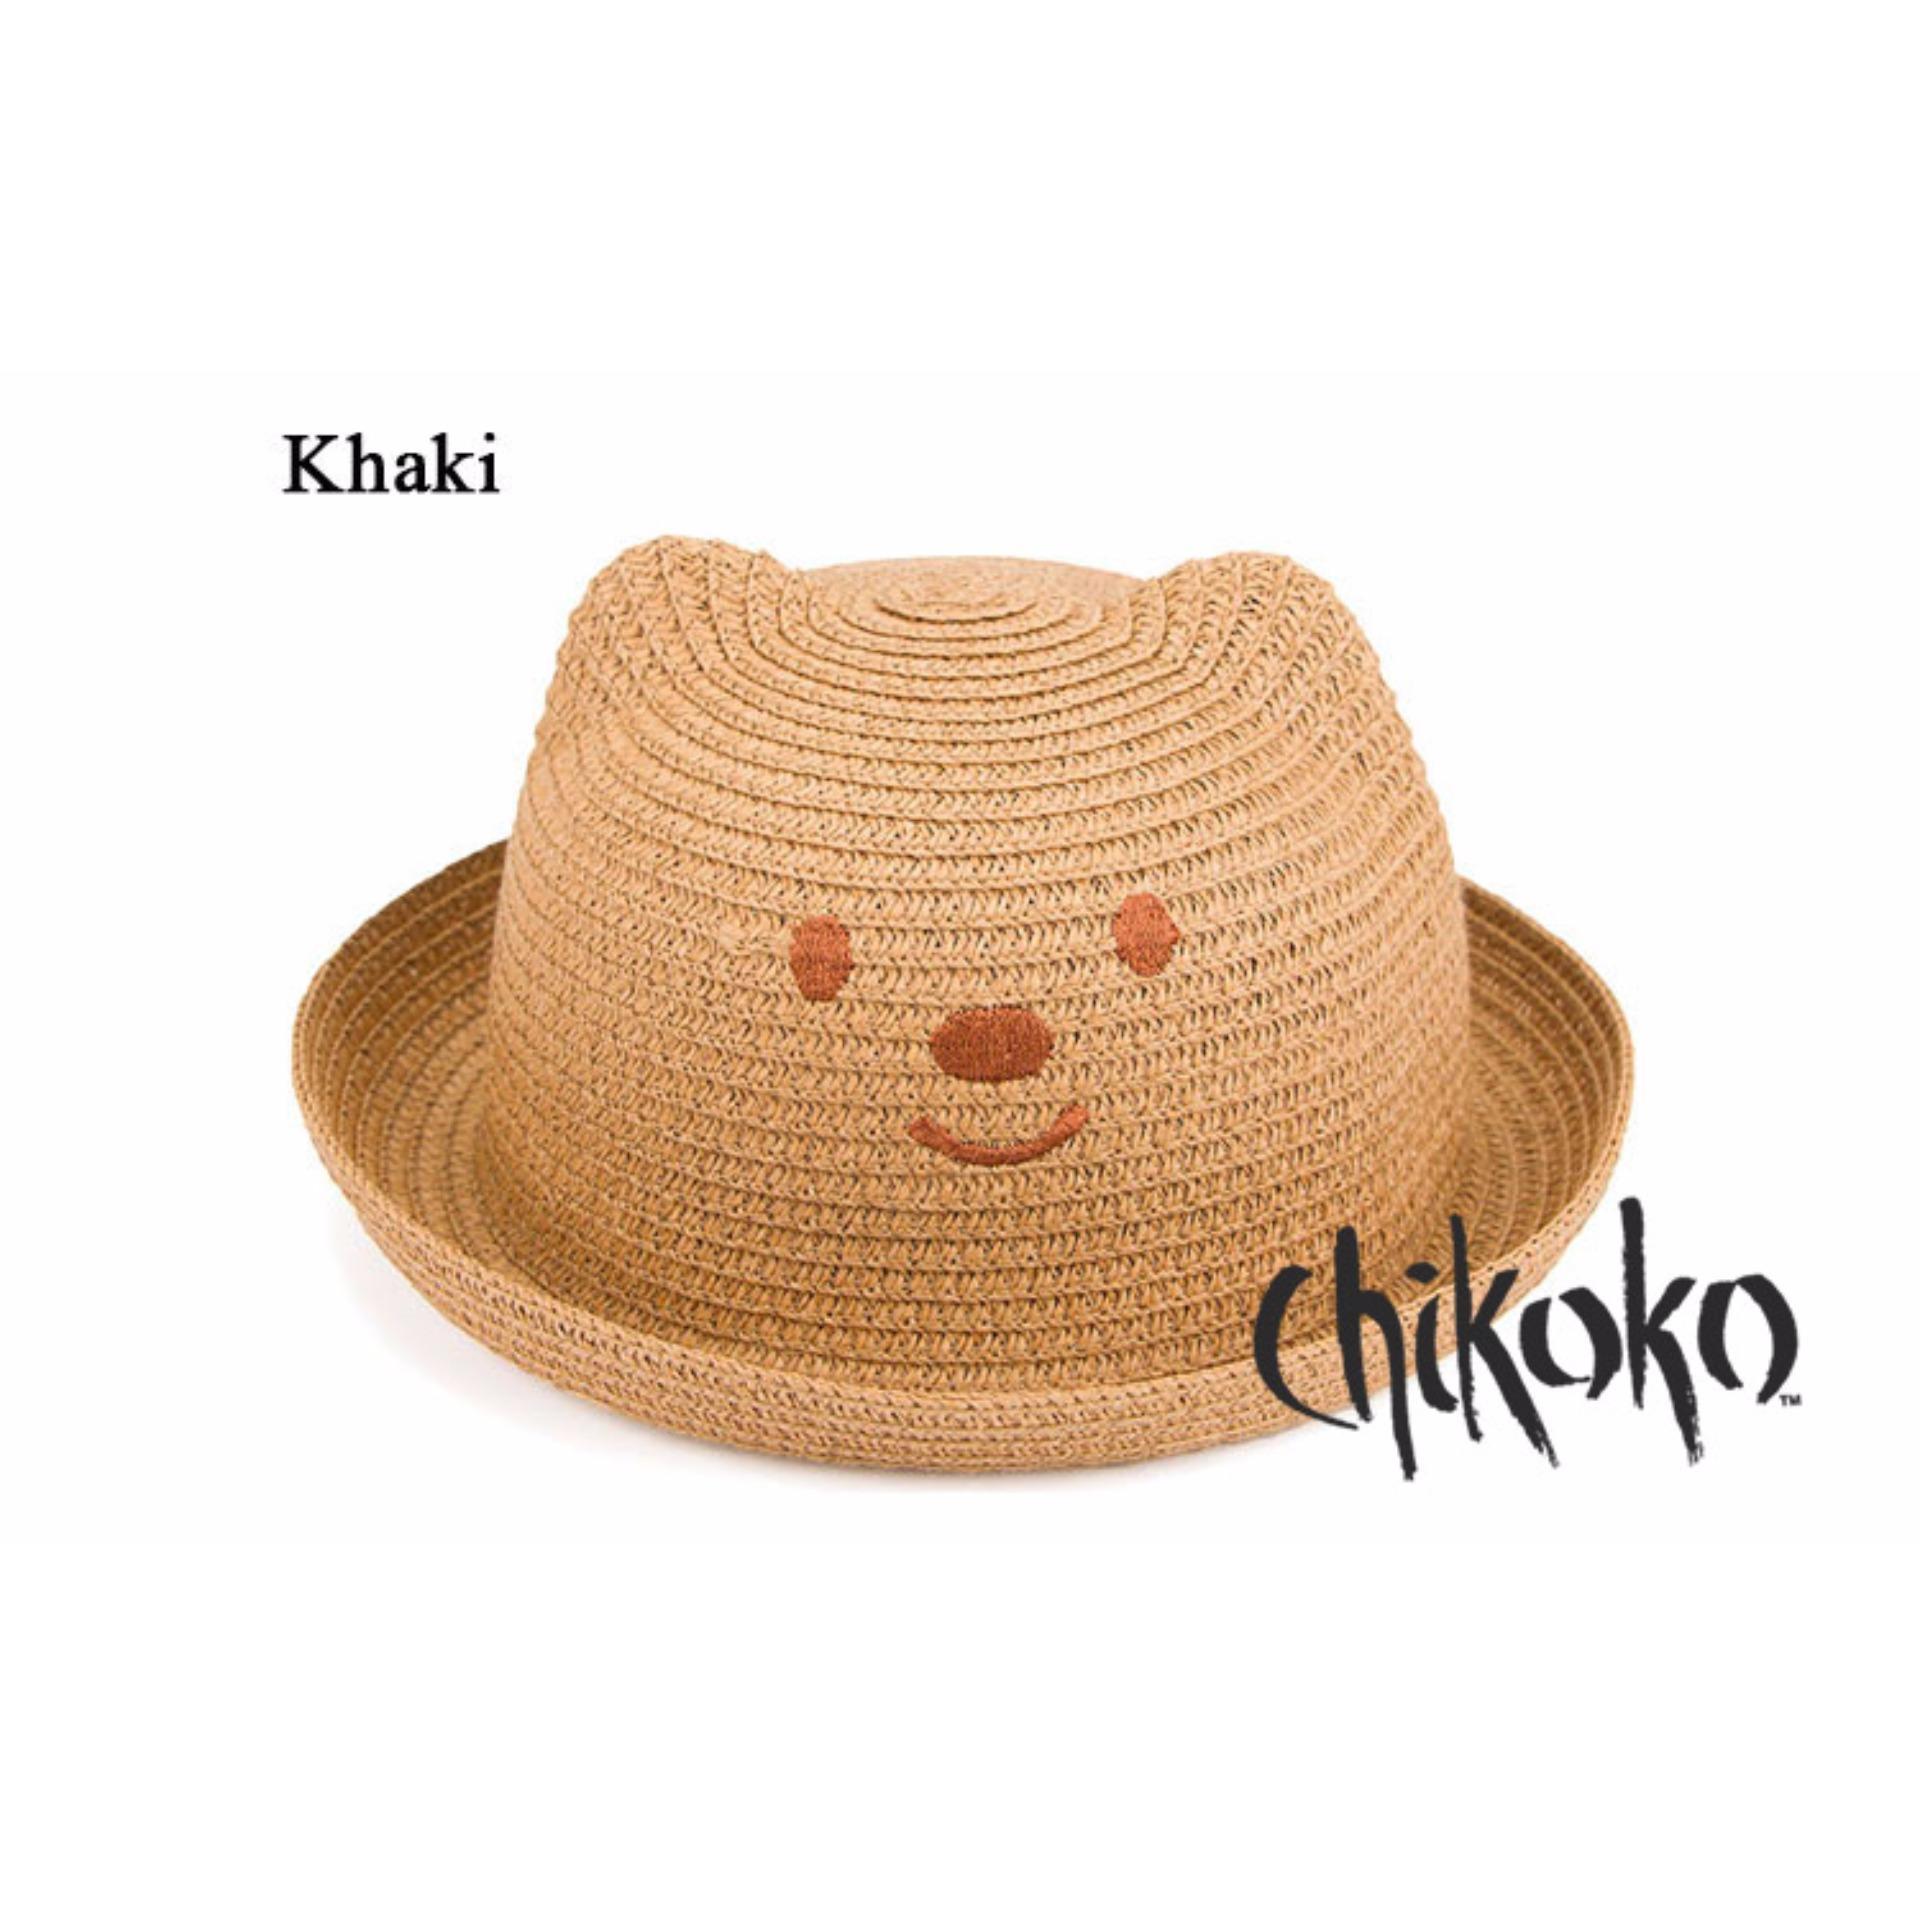 Nón cói bé trai BEAR Chikoko Thêu( be)